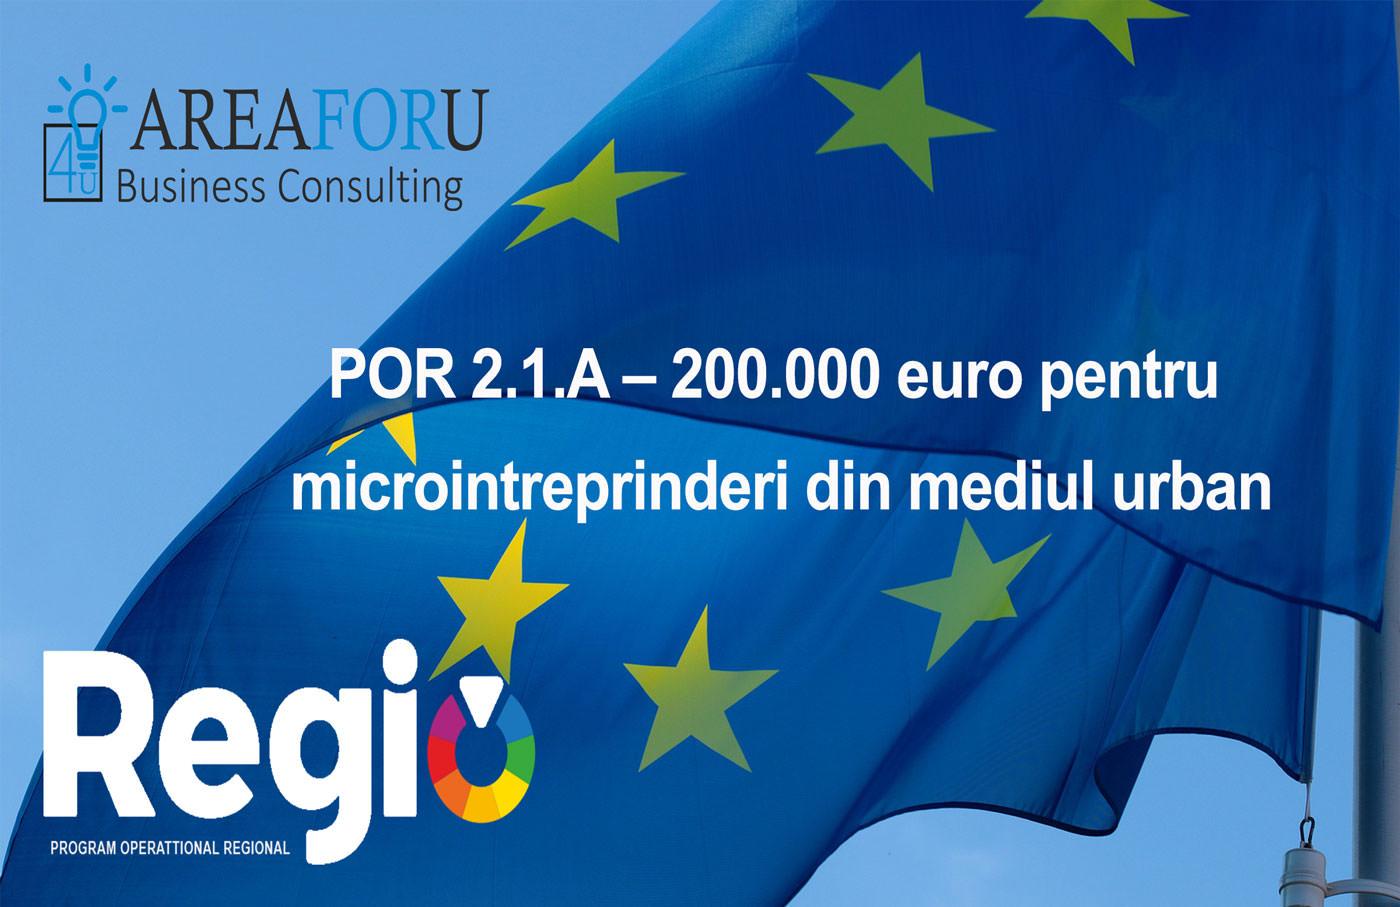 POR 2.1.A – 200.000 euro pentru microintreprinderi din mediul urban